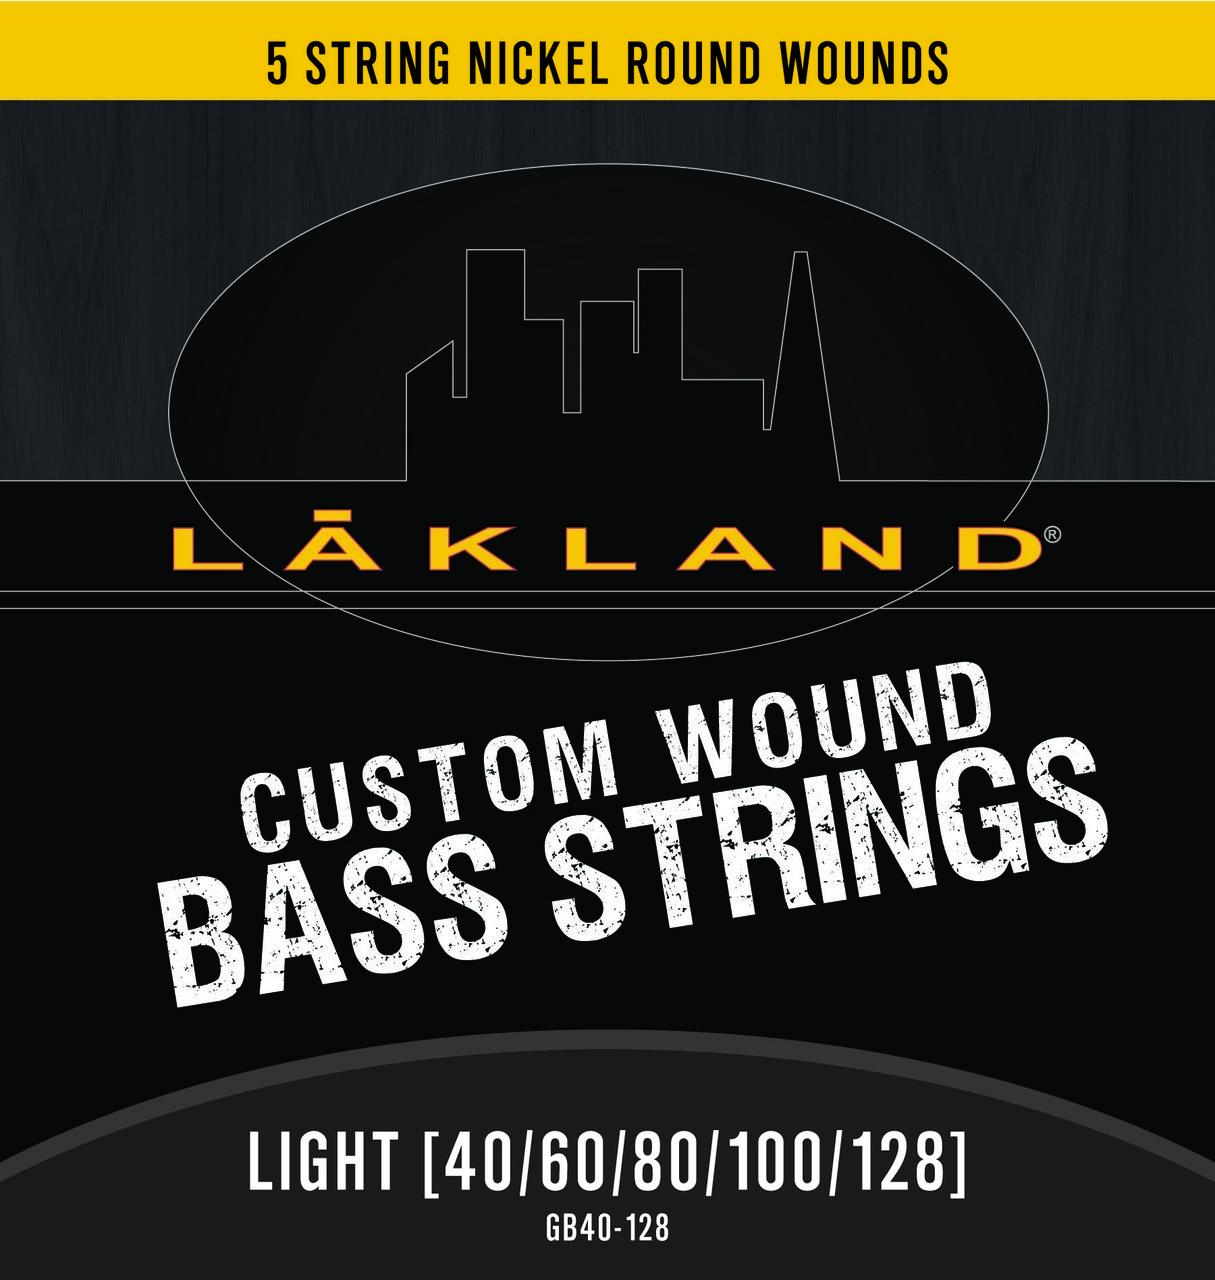 5 String Nickel Round Wound Light Gauge Bass Strings